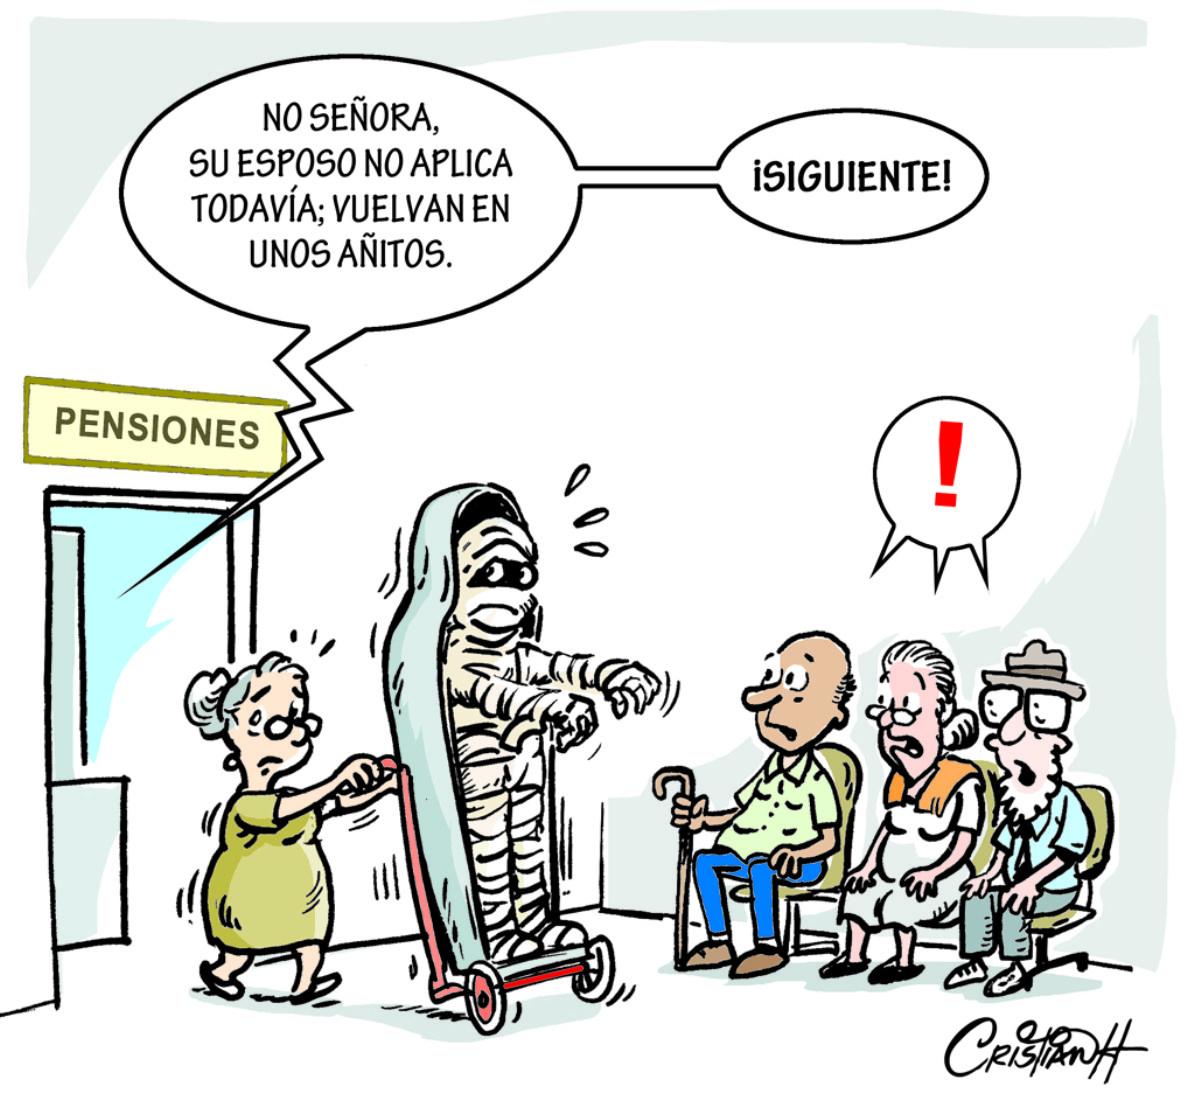 Caricatura Cristian Caricaturas – El Día, 08 de Octubre 2018